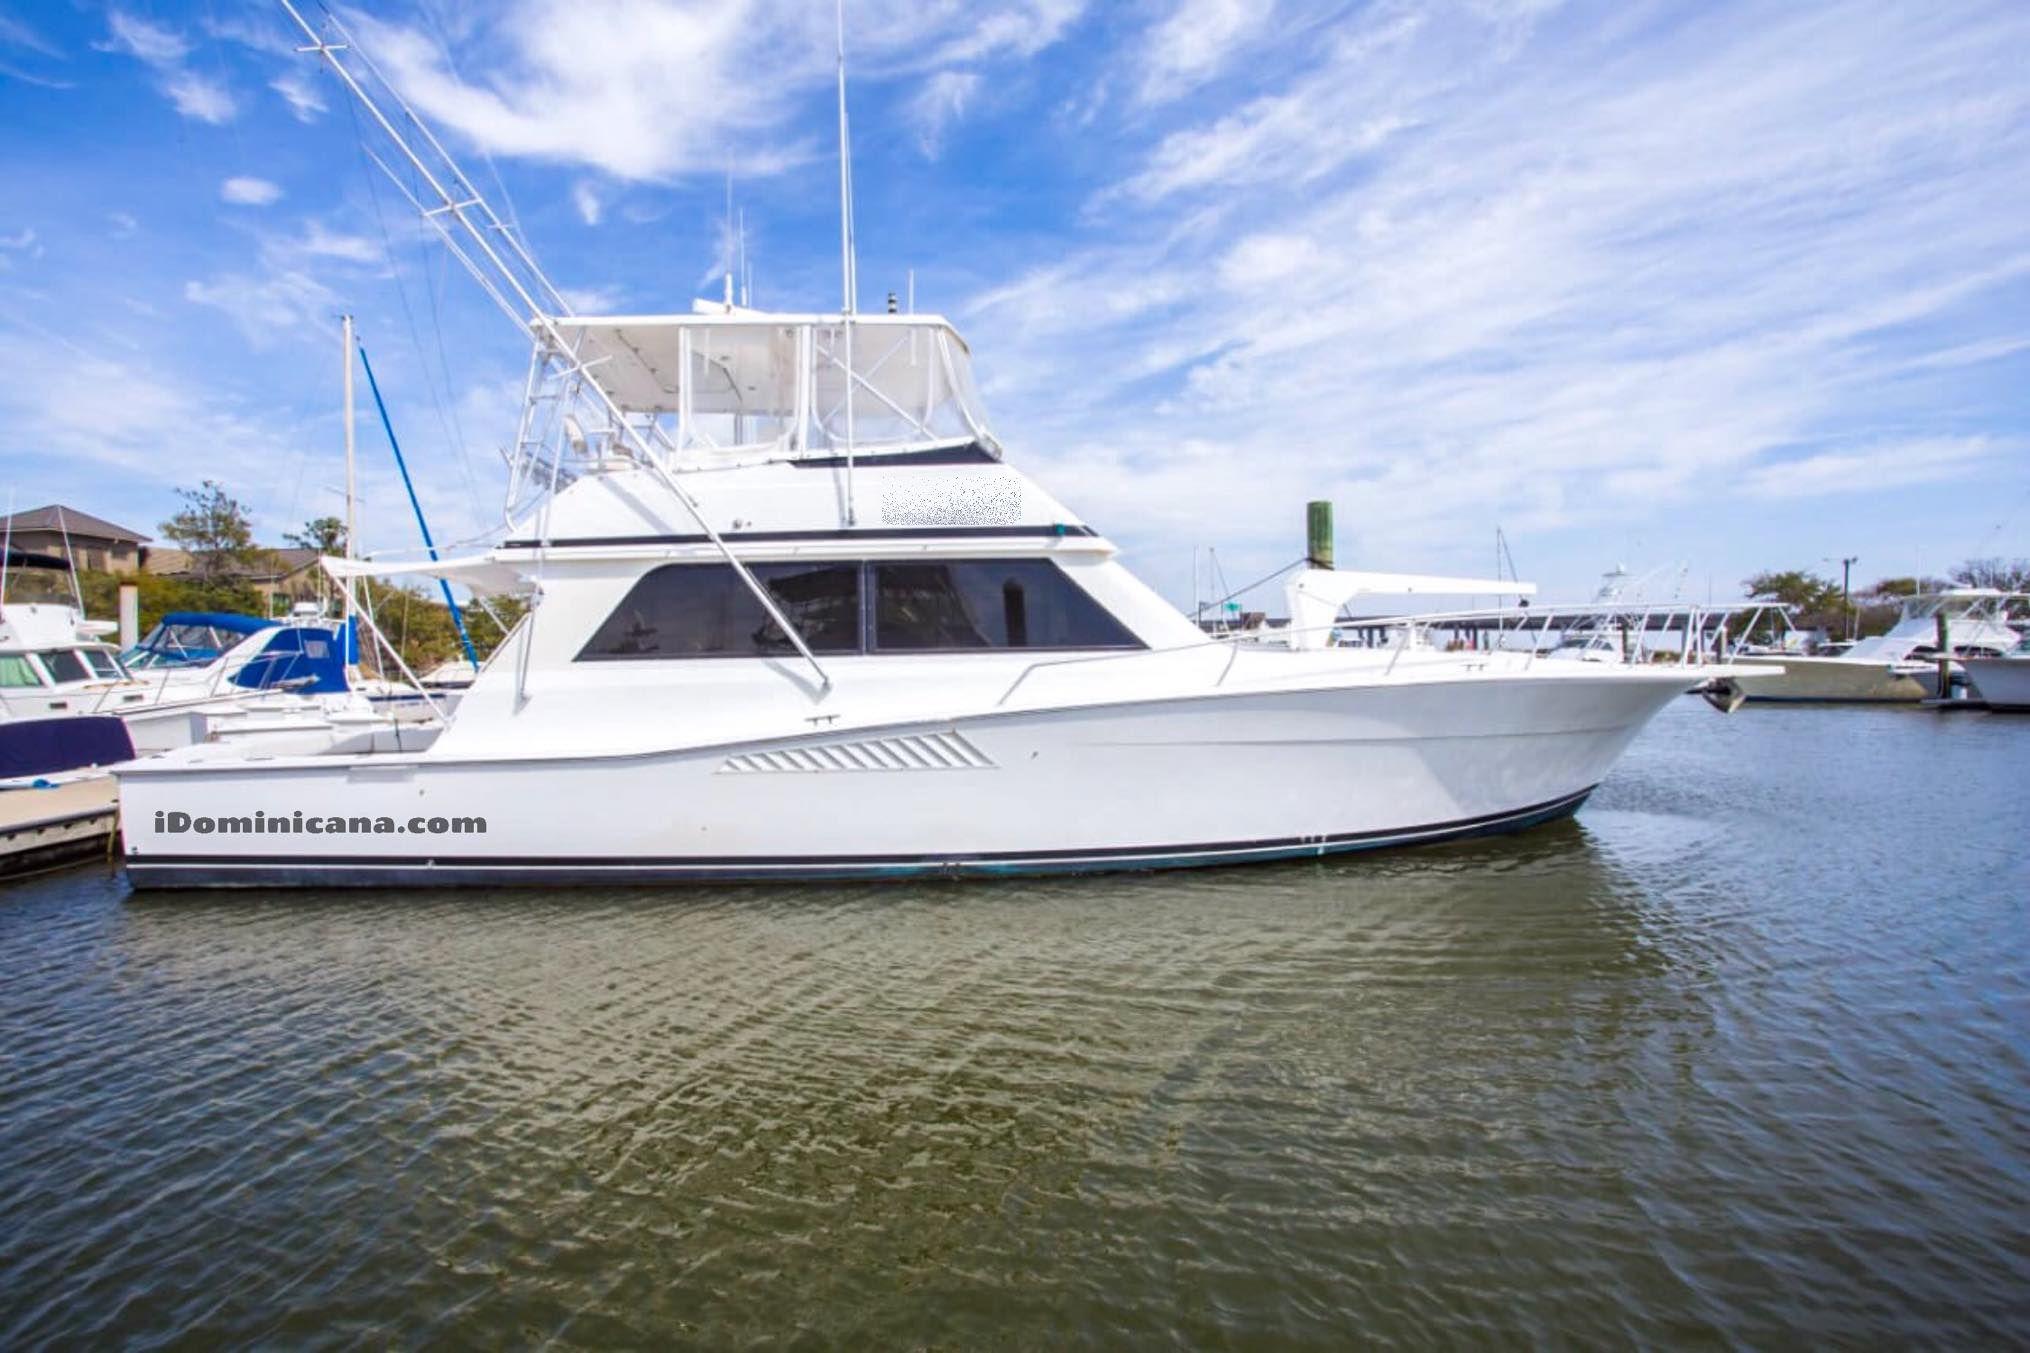 Индивидуальная рыбалка в Пунта Кана - яхта Viking 53 ft iDominicana.com